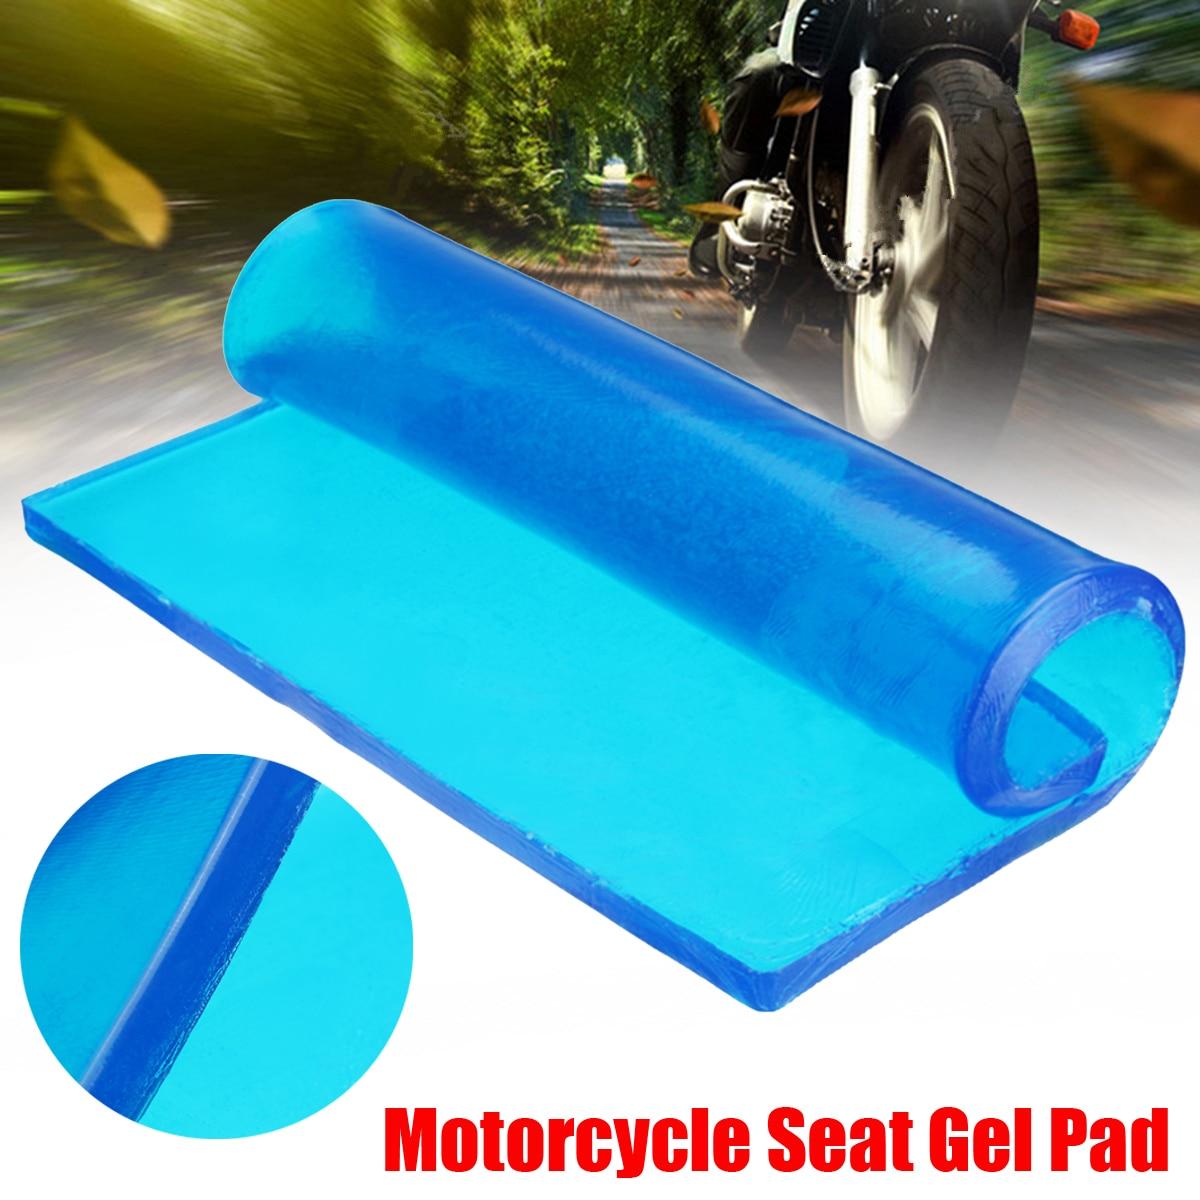 Новый DIY Изменение 48x35x2 см Толщина демпфирования силиконовый гель Pad мотоцикл подушки сиденья удобный коврик амортизацией коврики